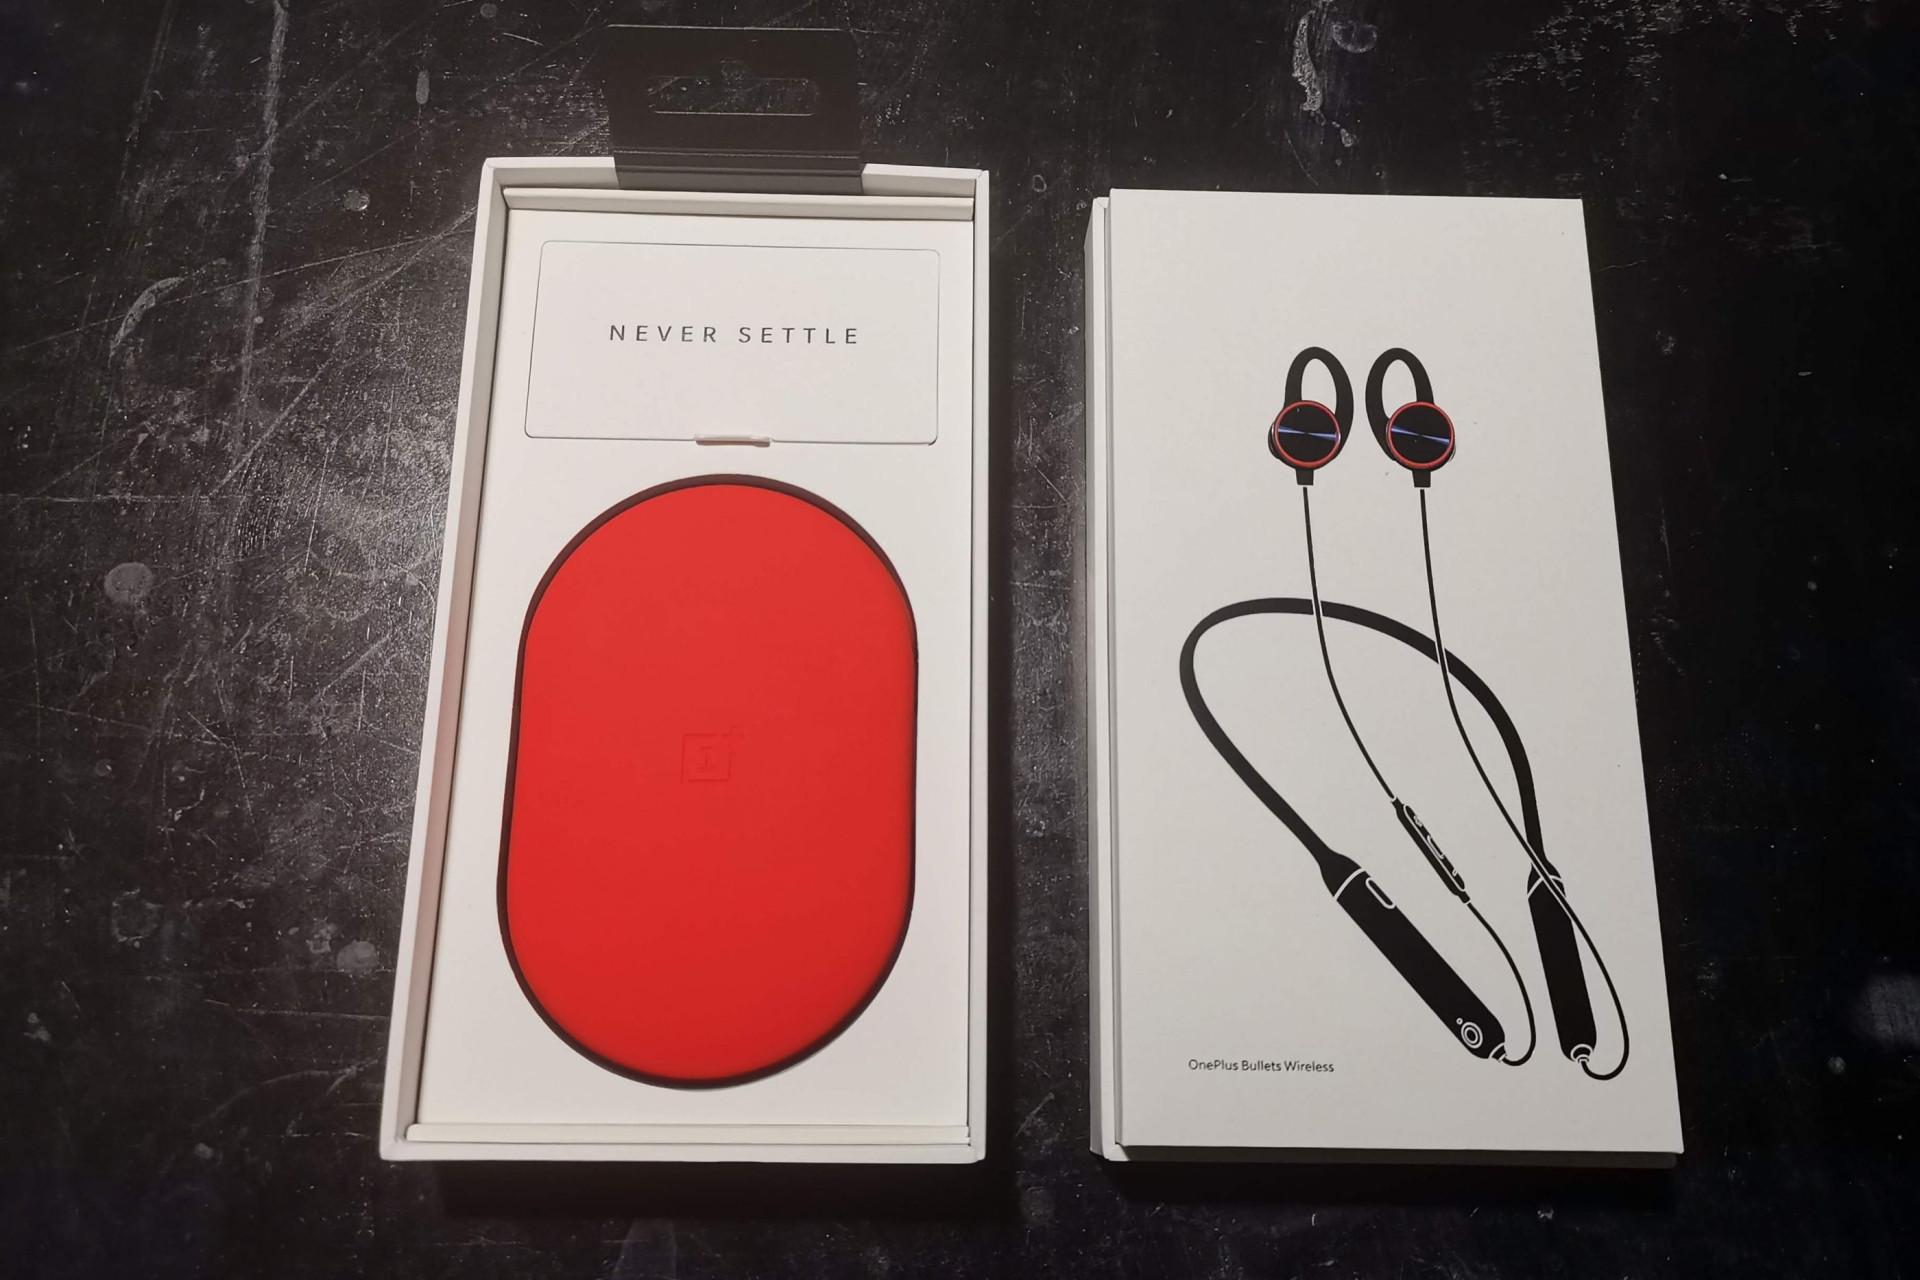 OnePlus. Um brinde para abrir o 'apetite'